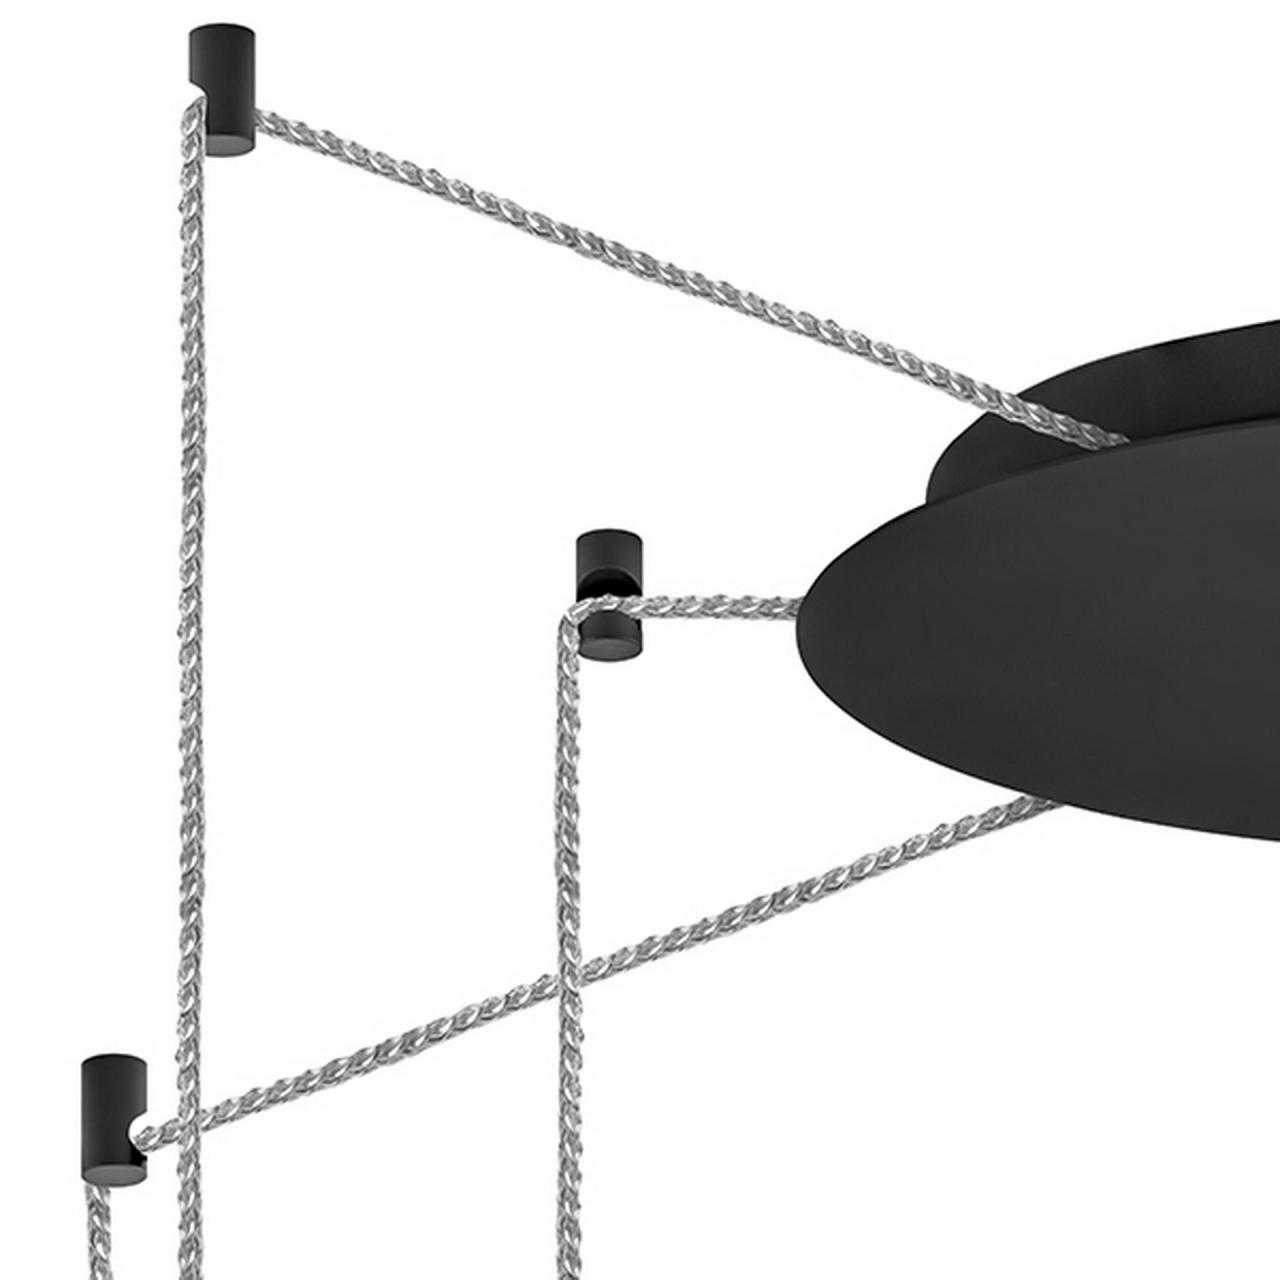 Подвесная люстра CONE LightStar 757067 цвет - черный матовый